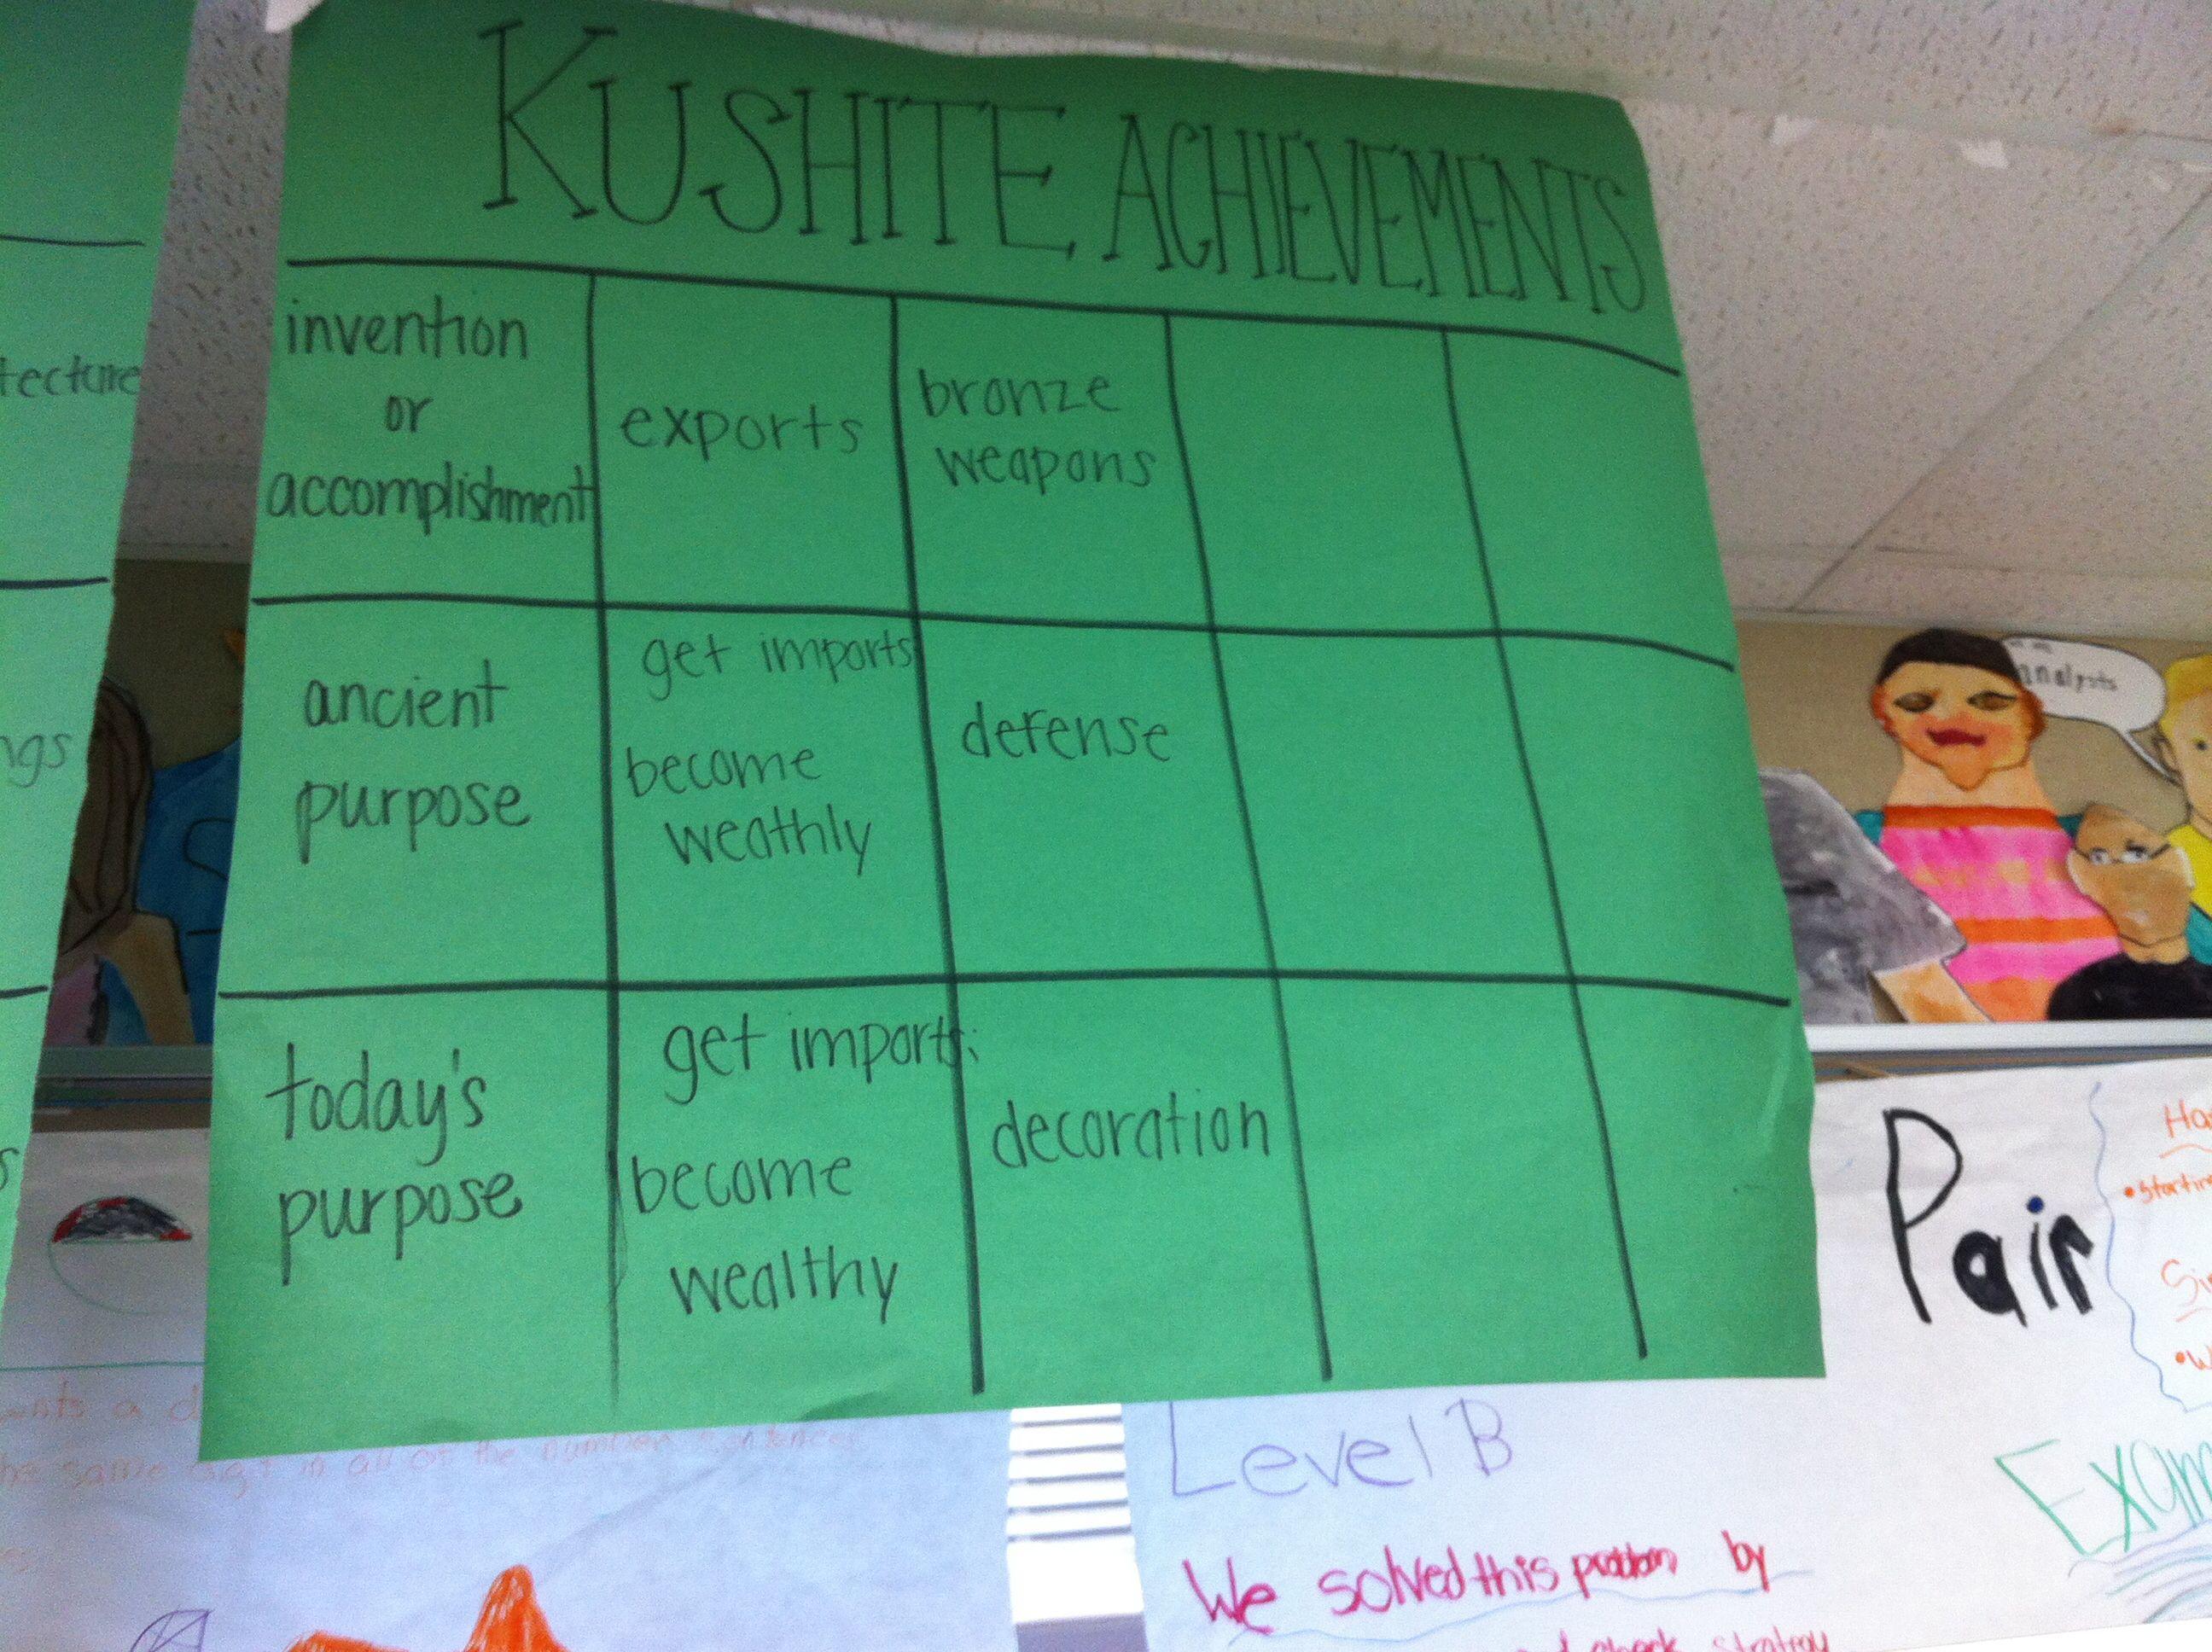 Kushite Achievements